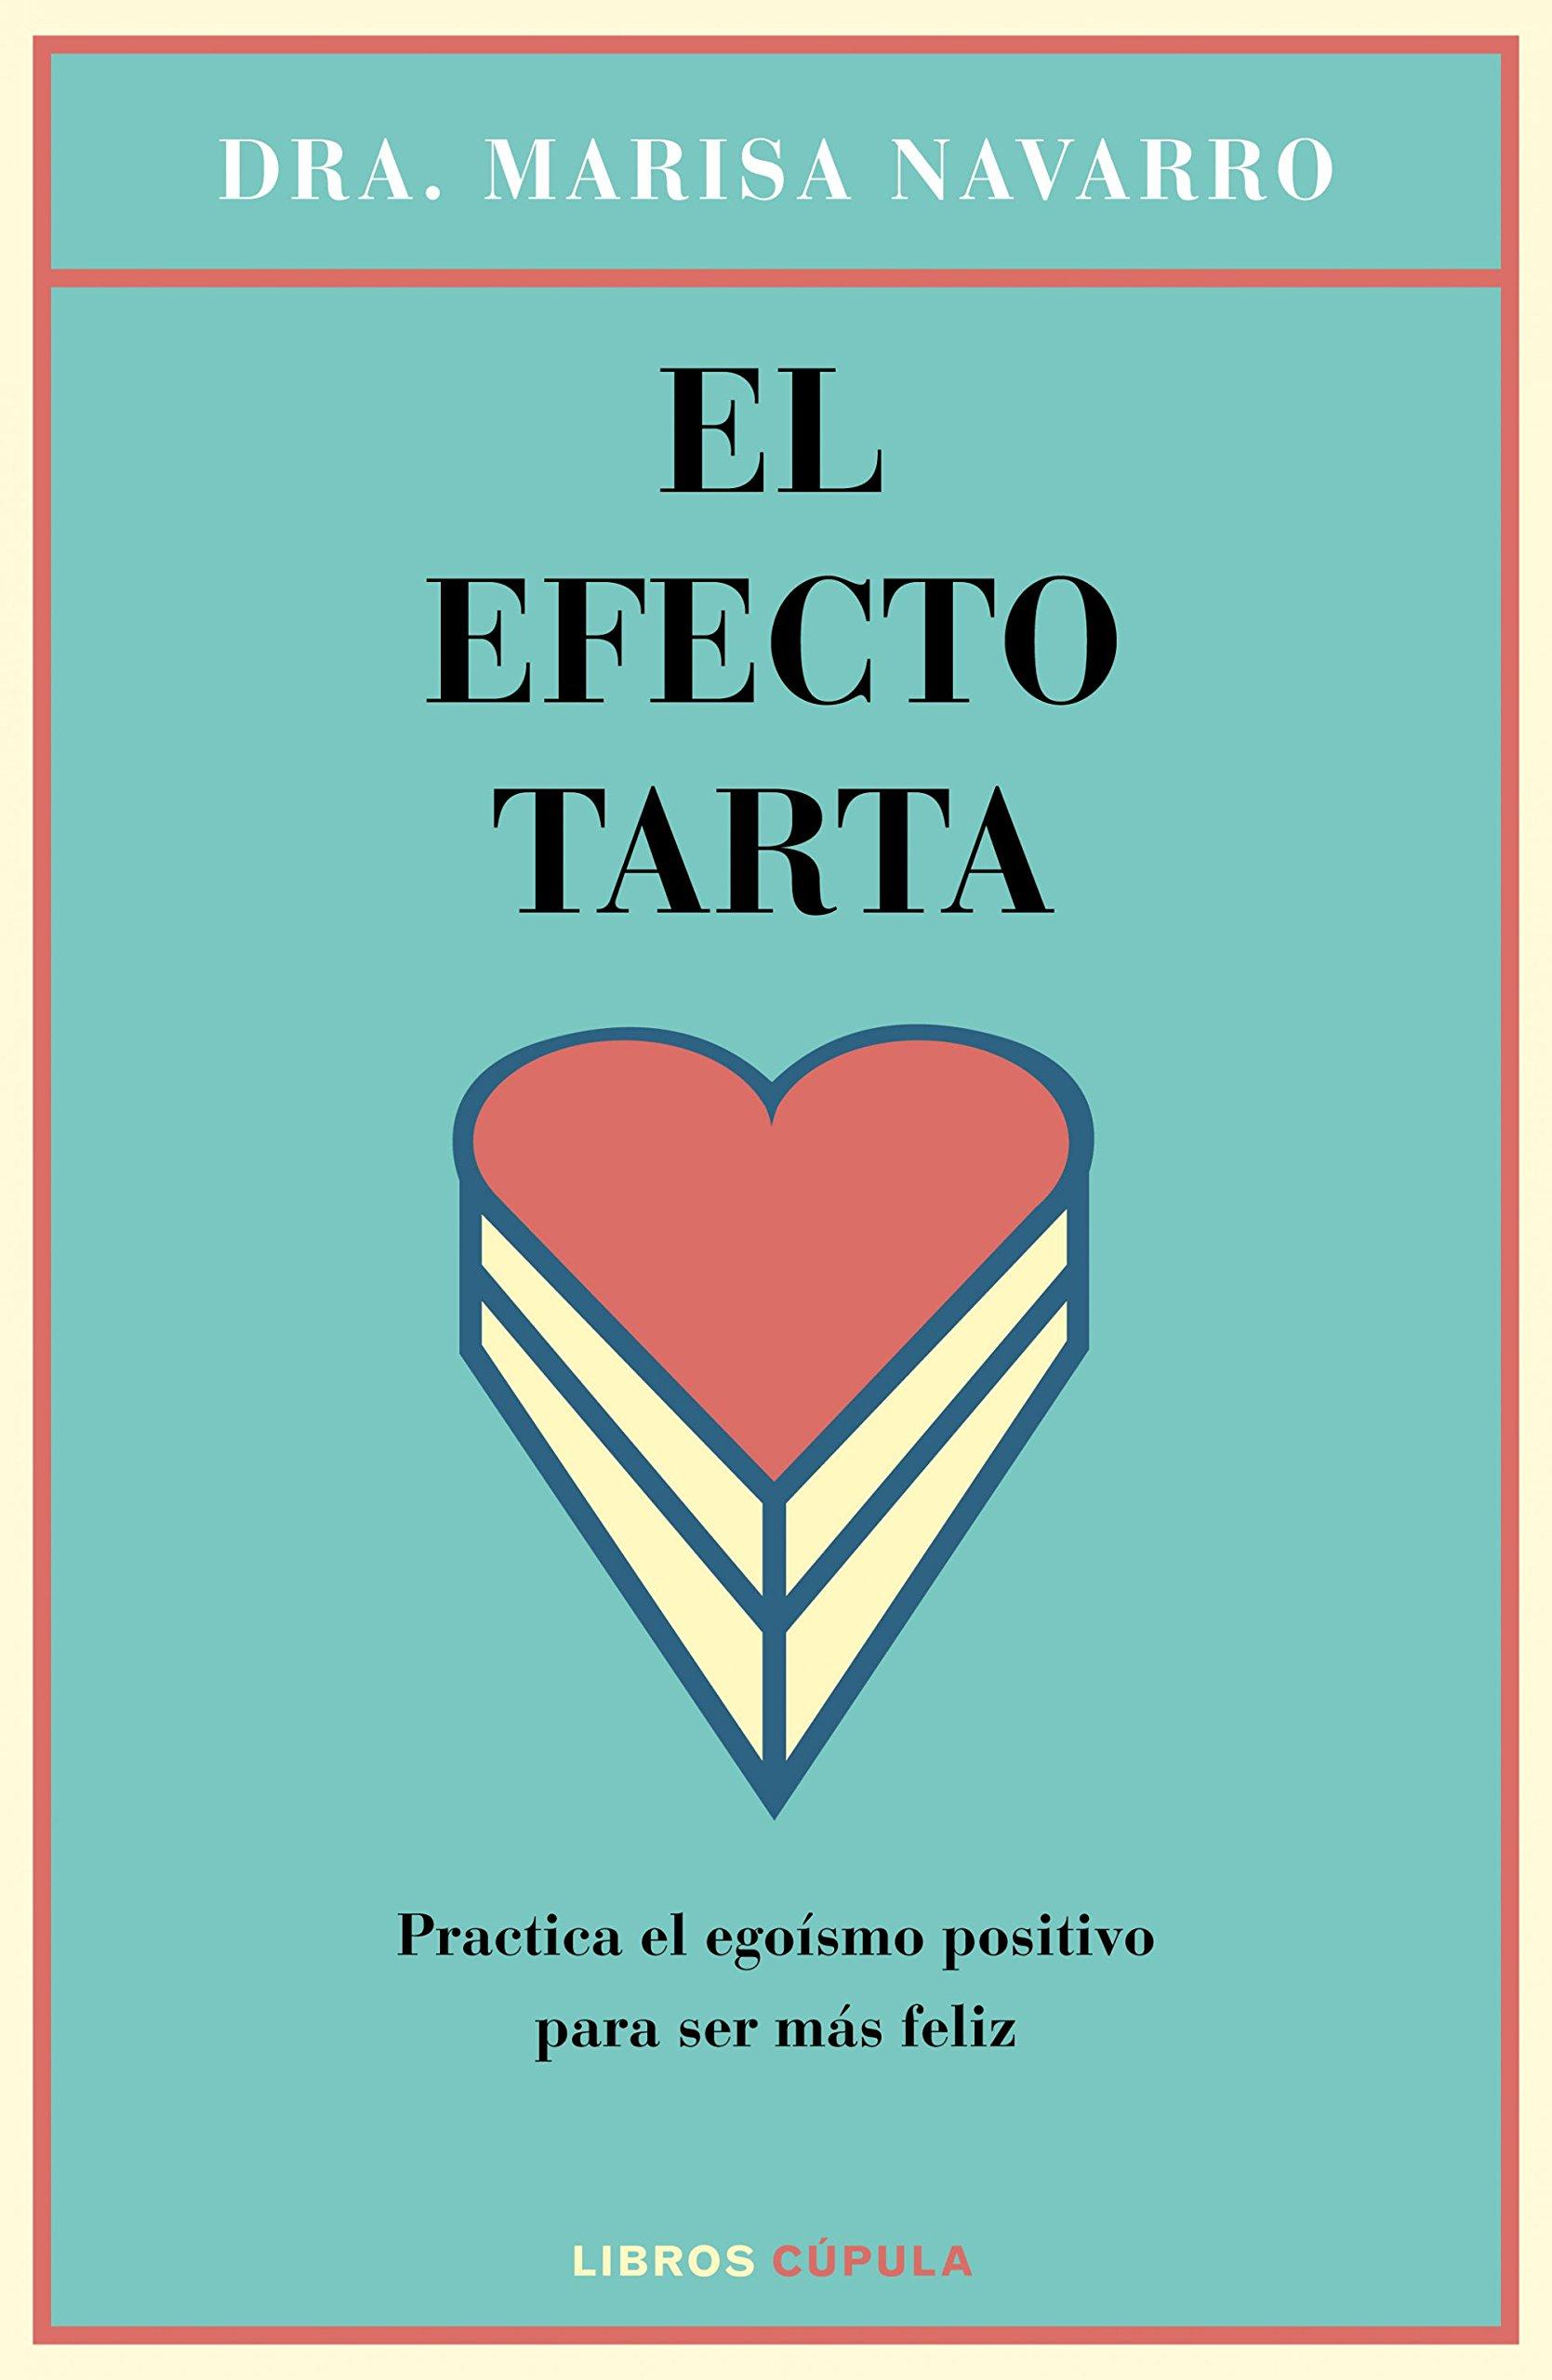 El efecto tarta: Practica el egoísmo positivo para ser más feliz Salud: Amazon.es: Dra. Marisa Navarro: Libros